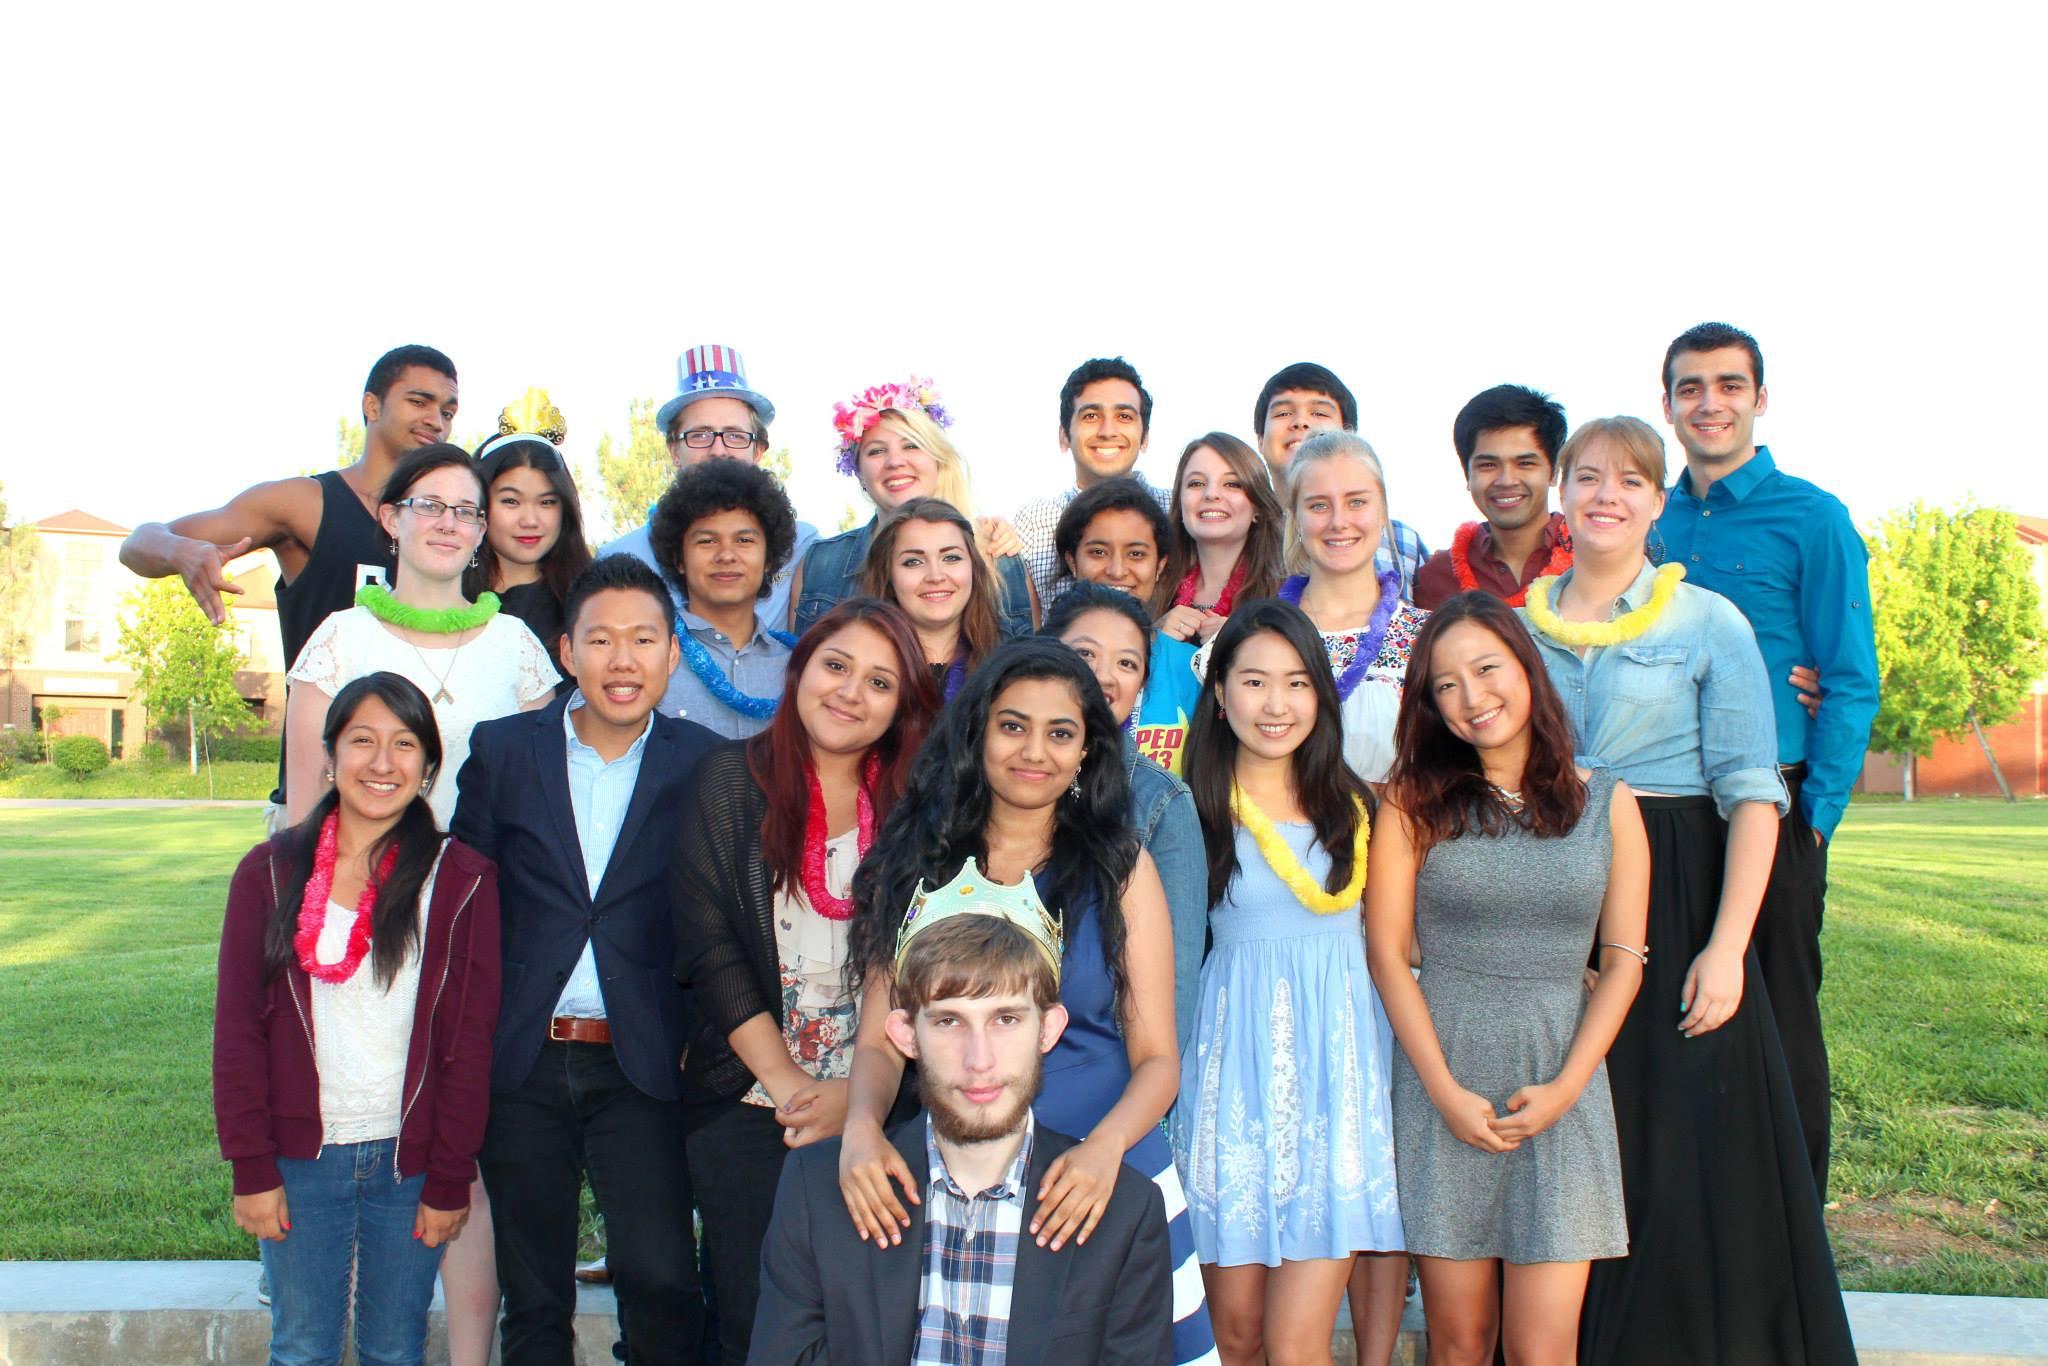 カリフォルニア大学アーバイン校(UCI)の寮生との集合写真。前列の左から二番目が高坂さん